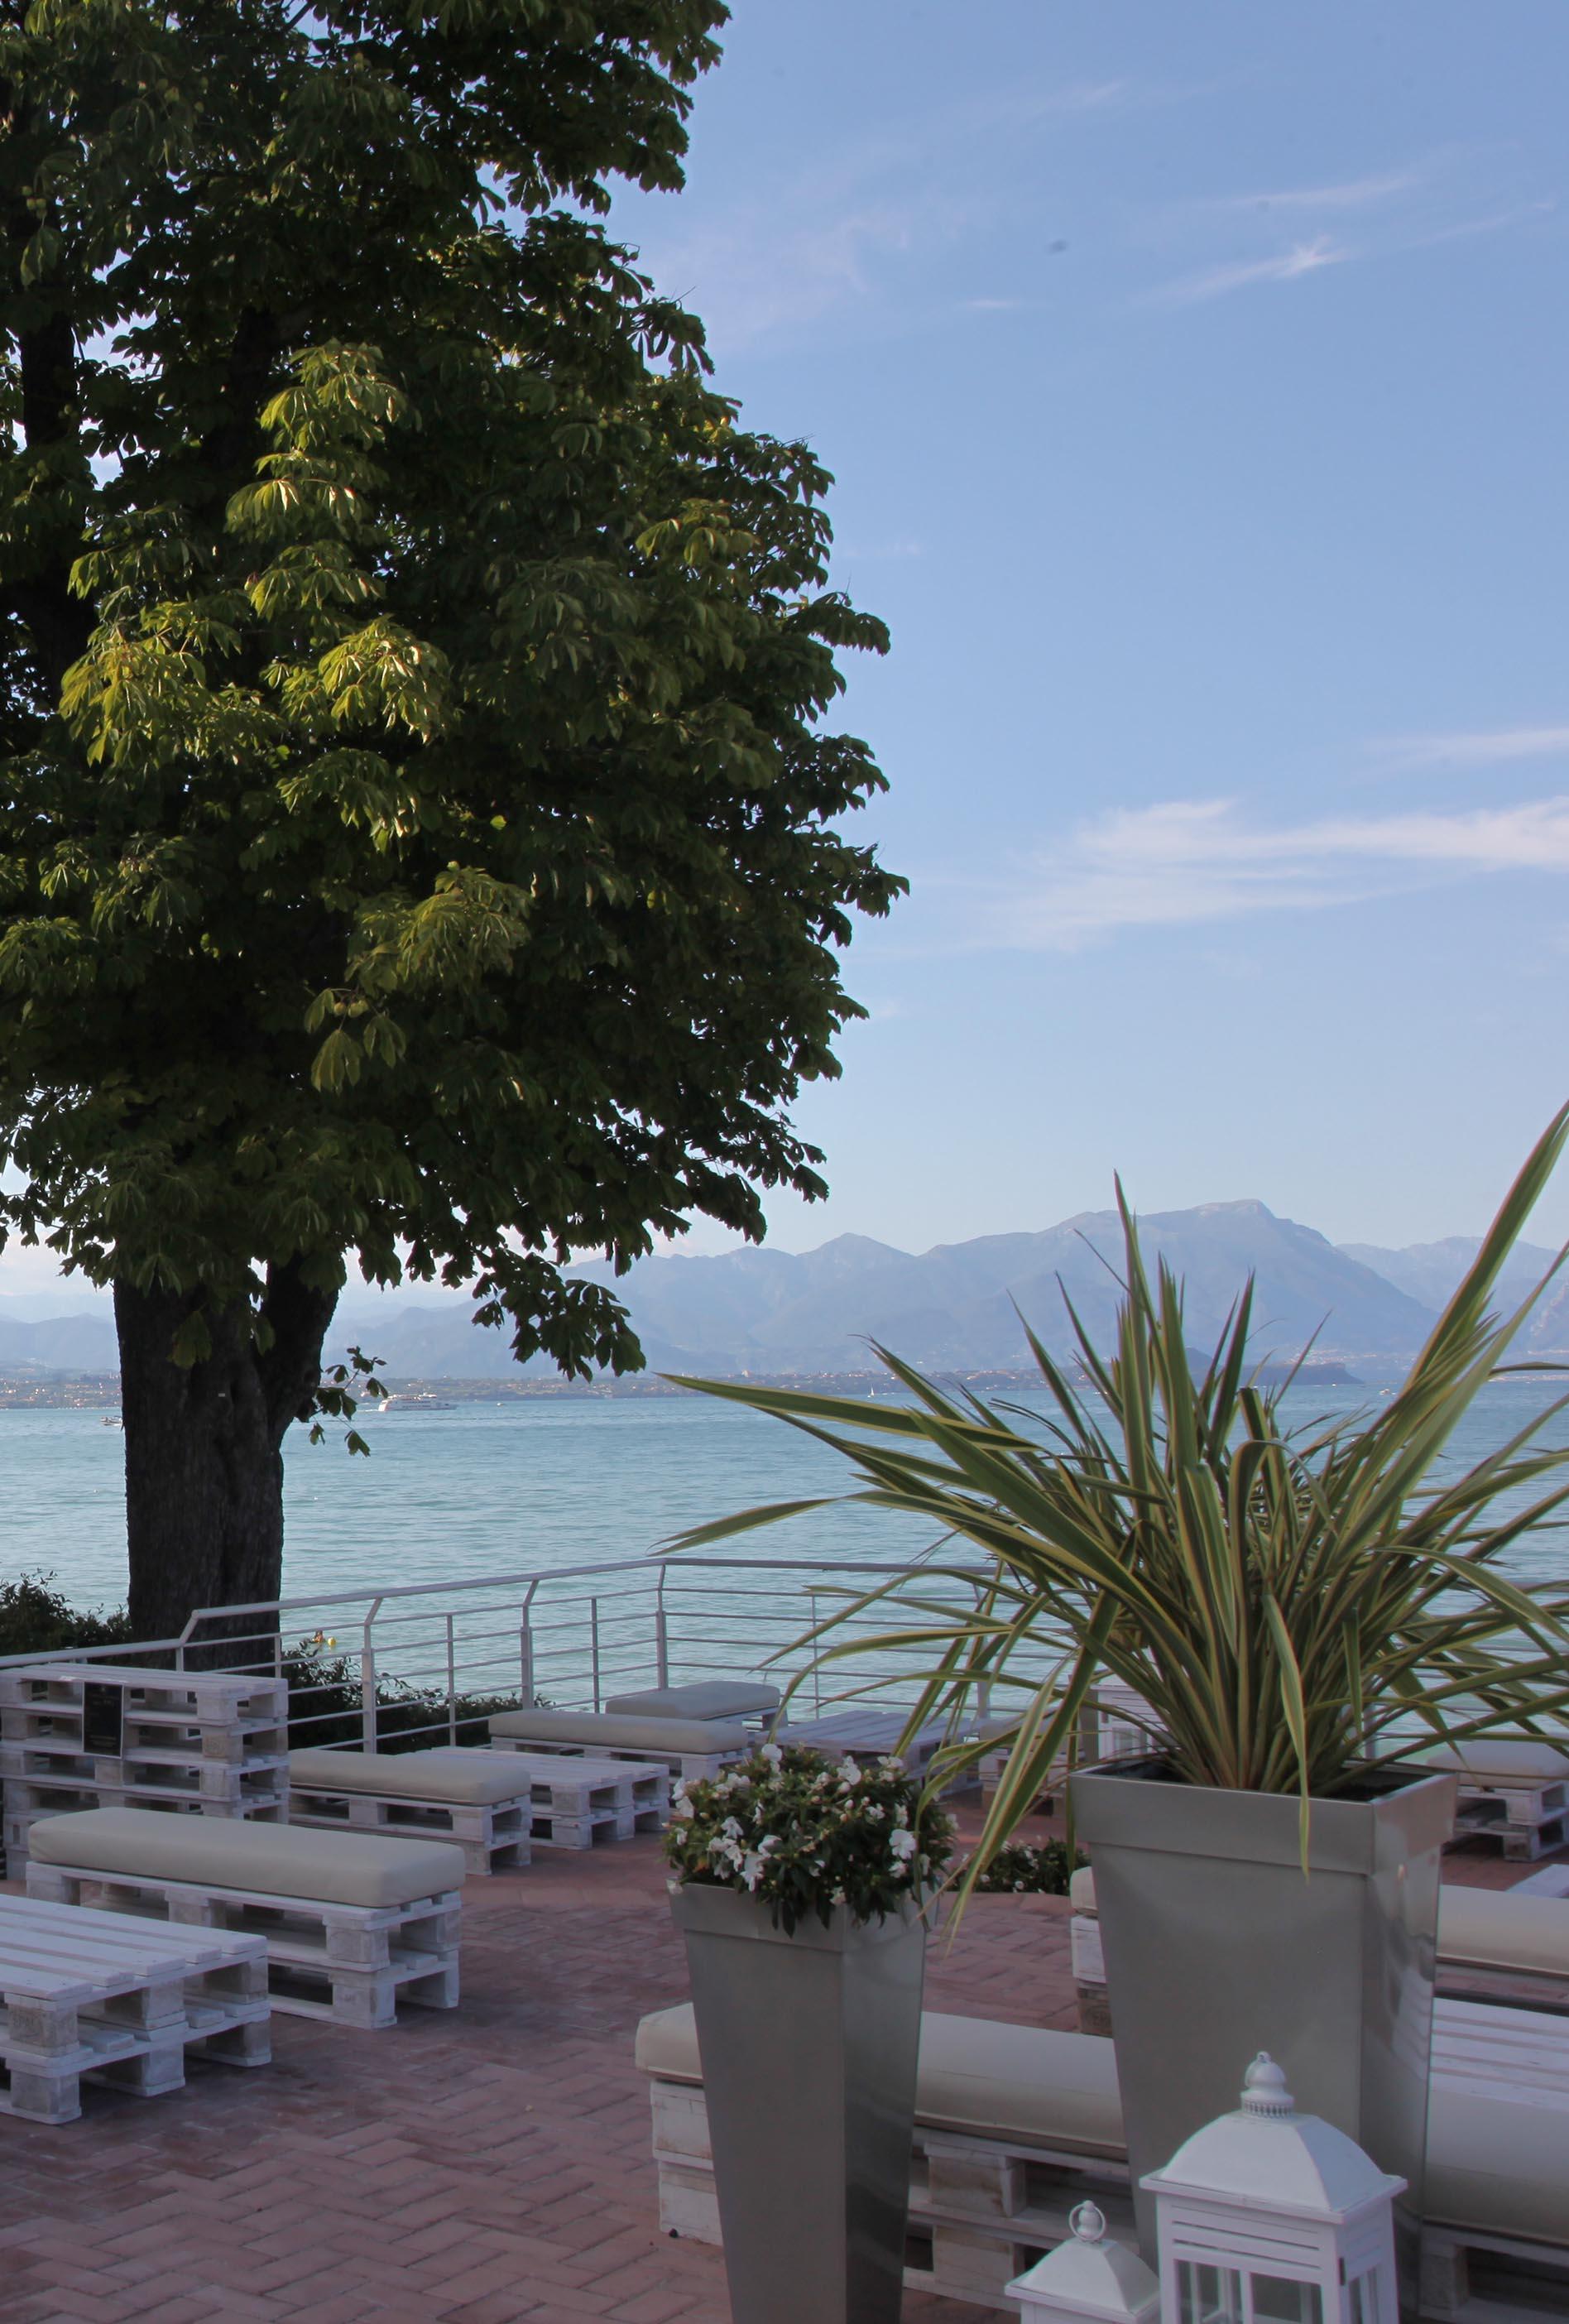 vista del lago dall'alto della terrazza